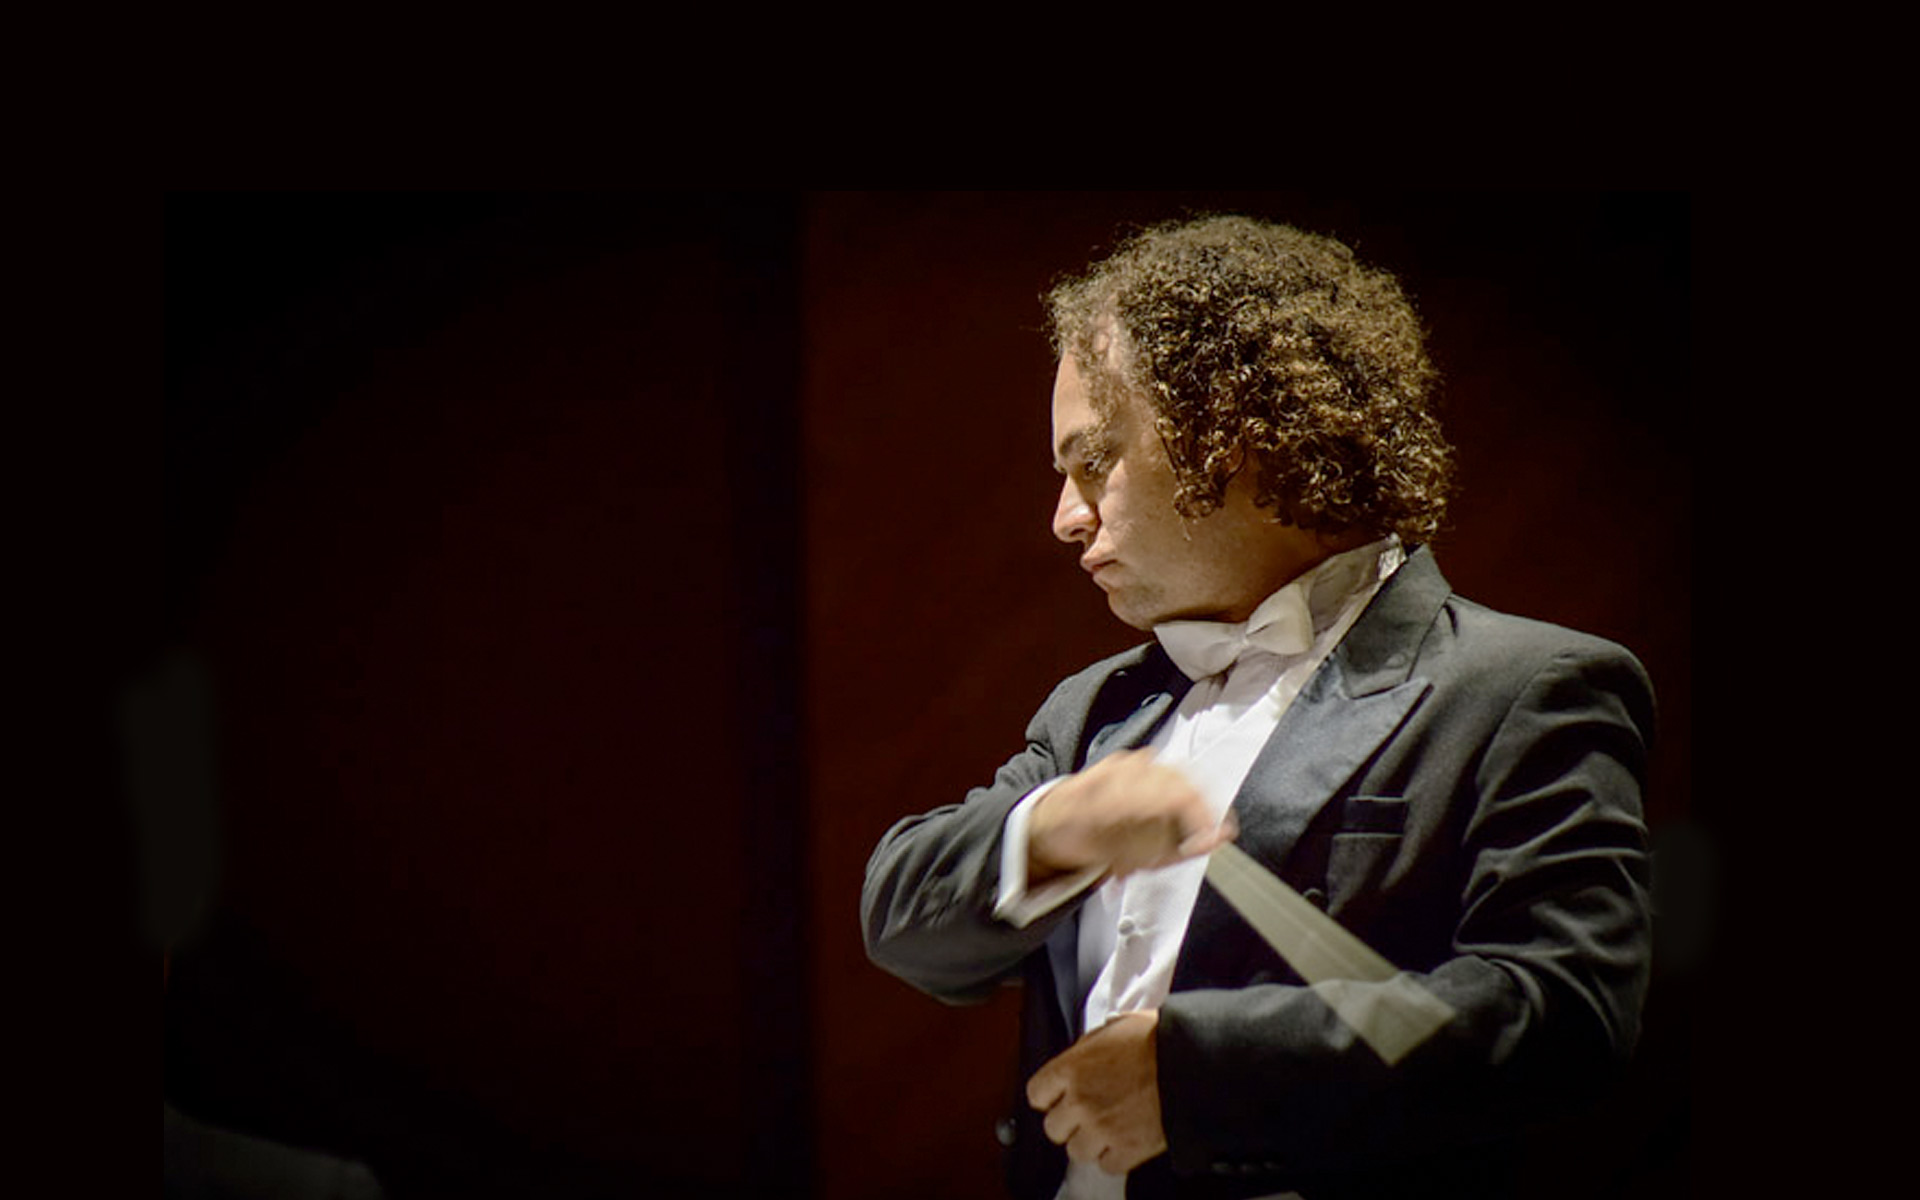 Miguel Salmon del Real dirigirá sinfonías latinas en Xalapa